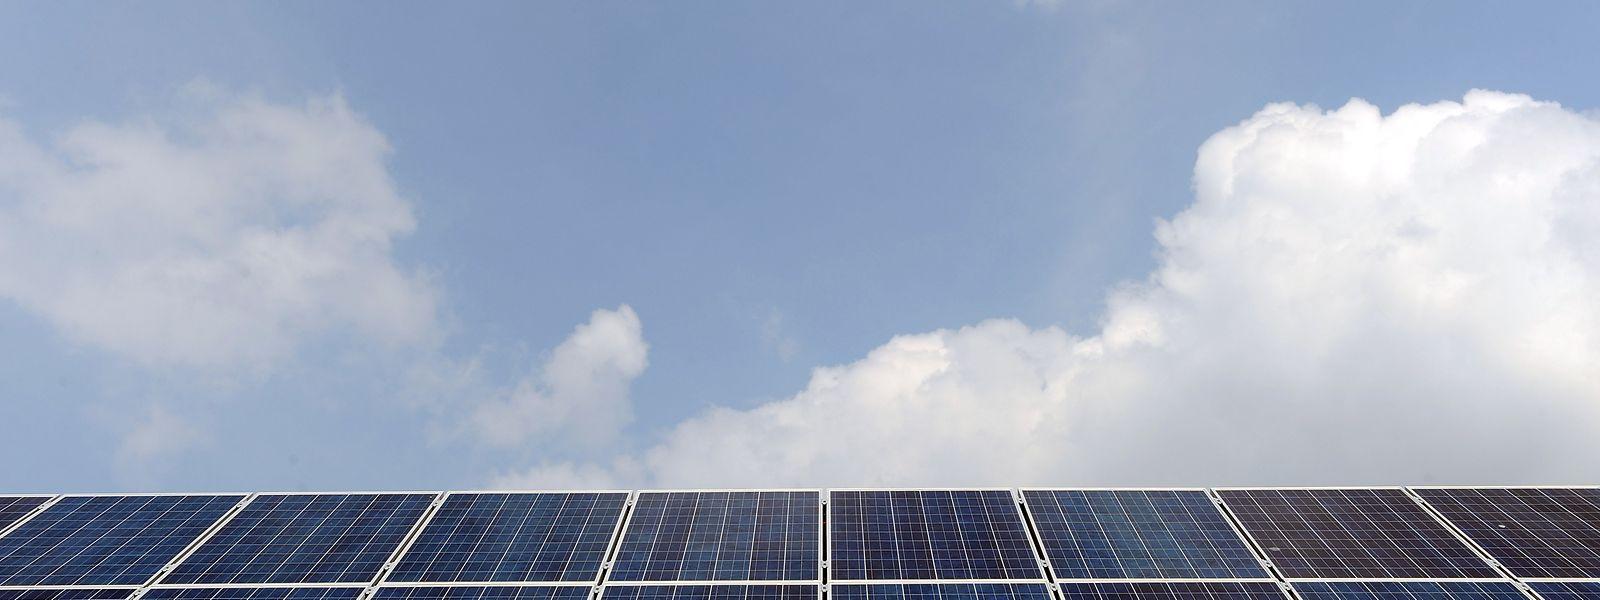 Der Ausbau der Solarenergie ist zentraler Bestandteil dafür, dass Luxemburg seine Klimaziele erreicht.